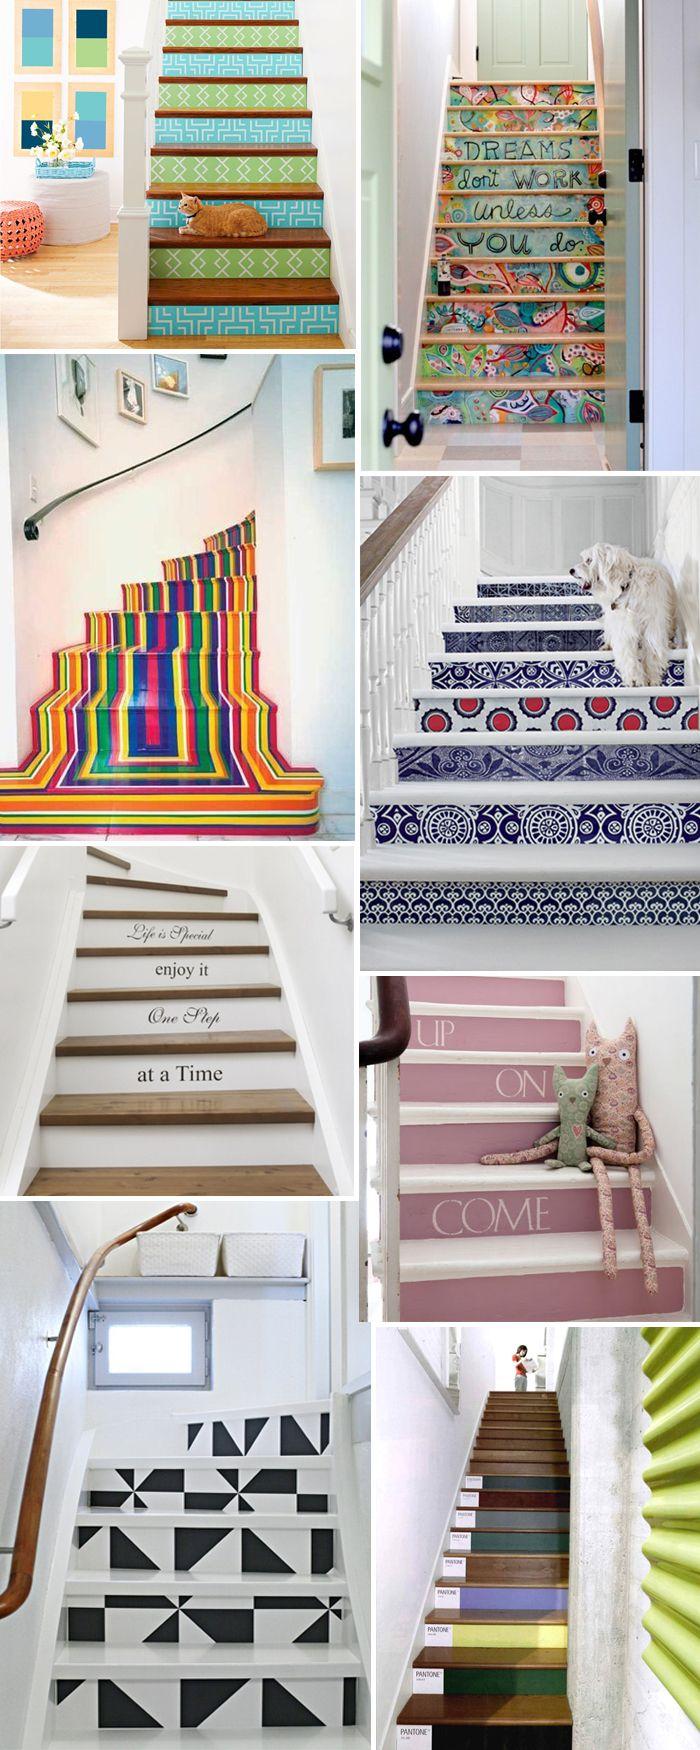 escadas decoradas blog fashionite                                                                                                                                                                                 Mais